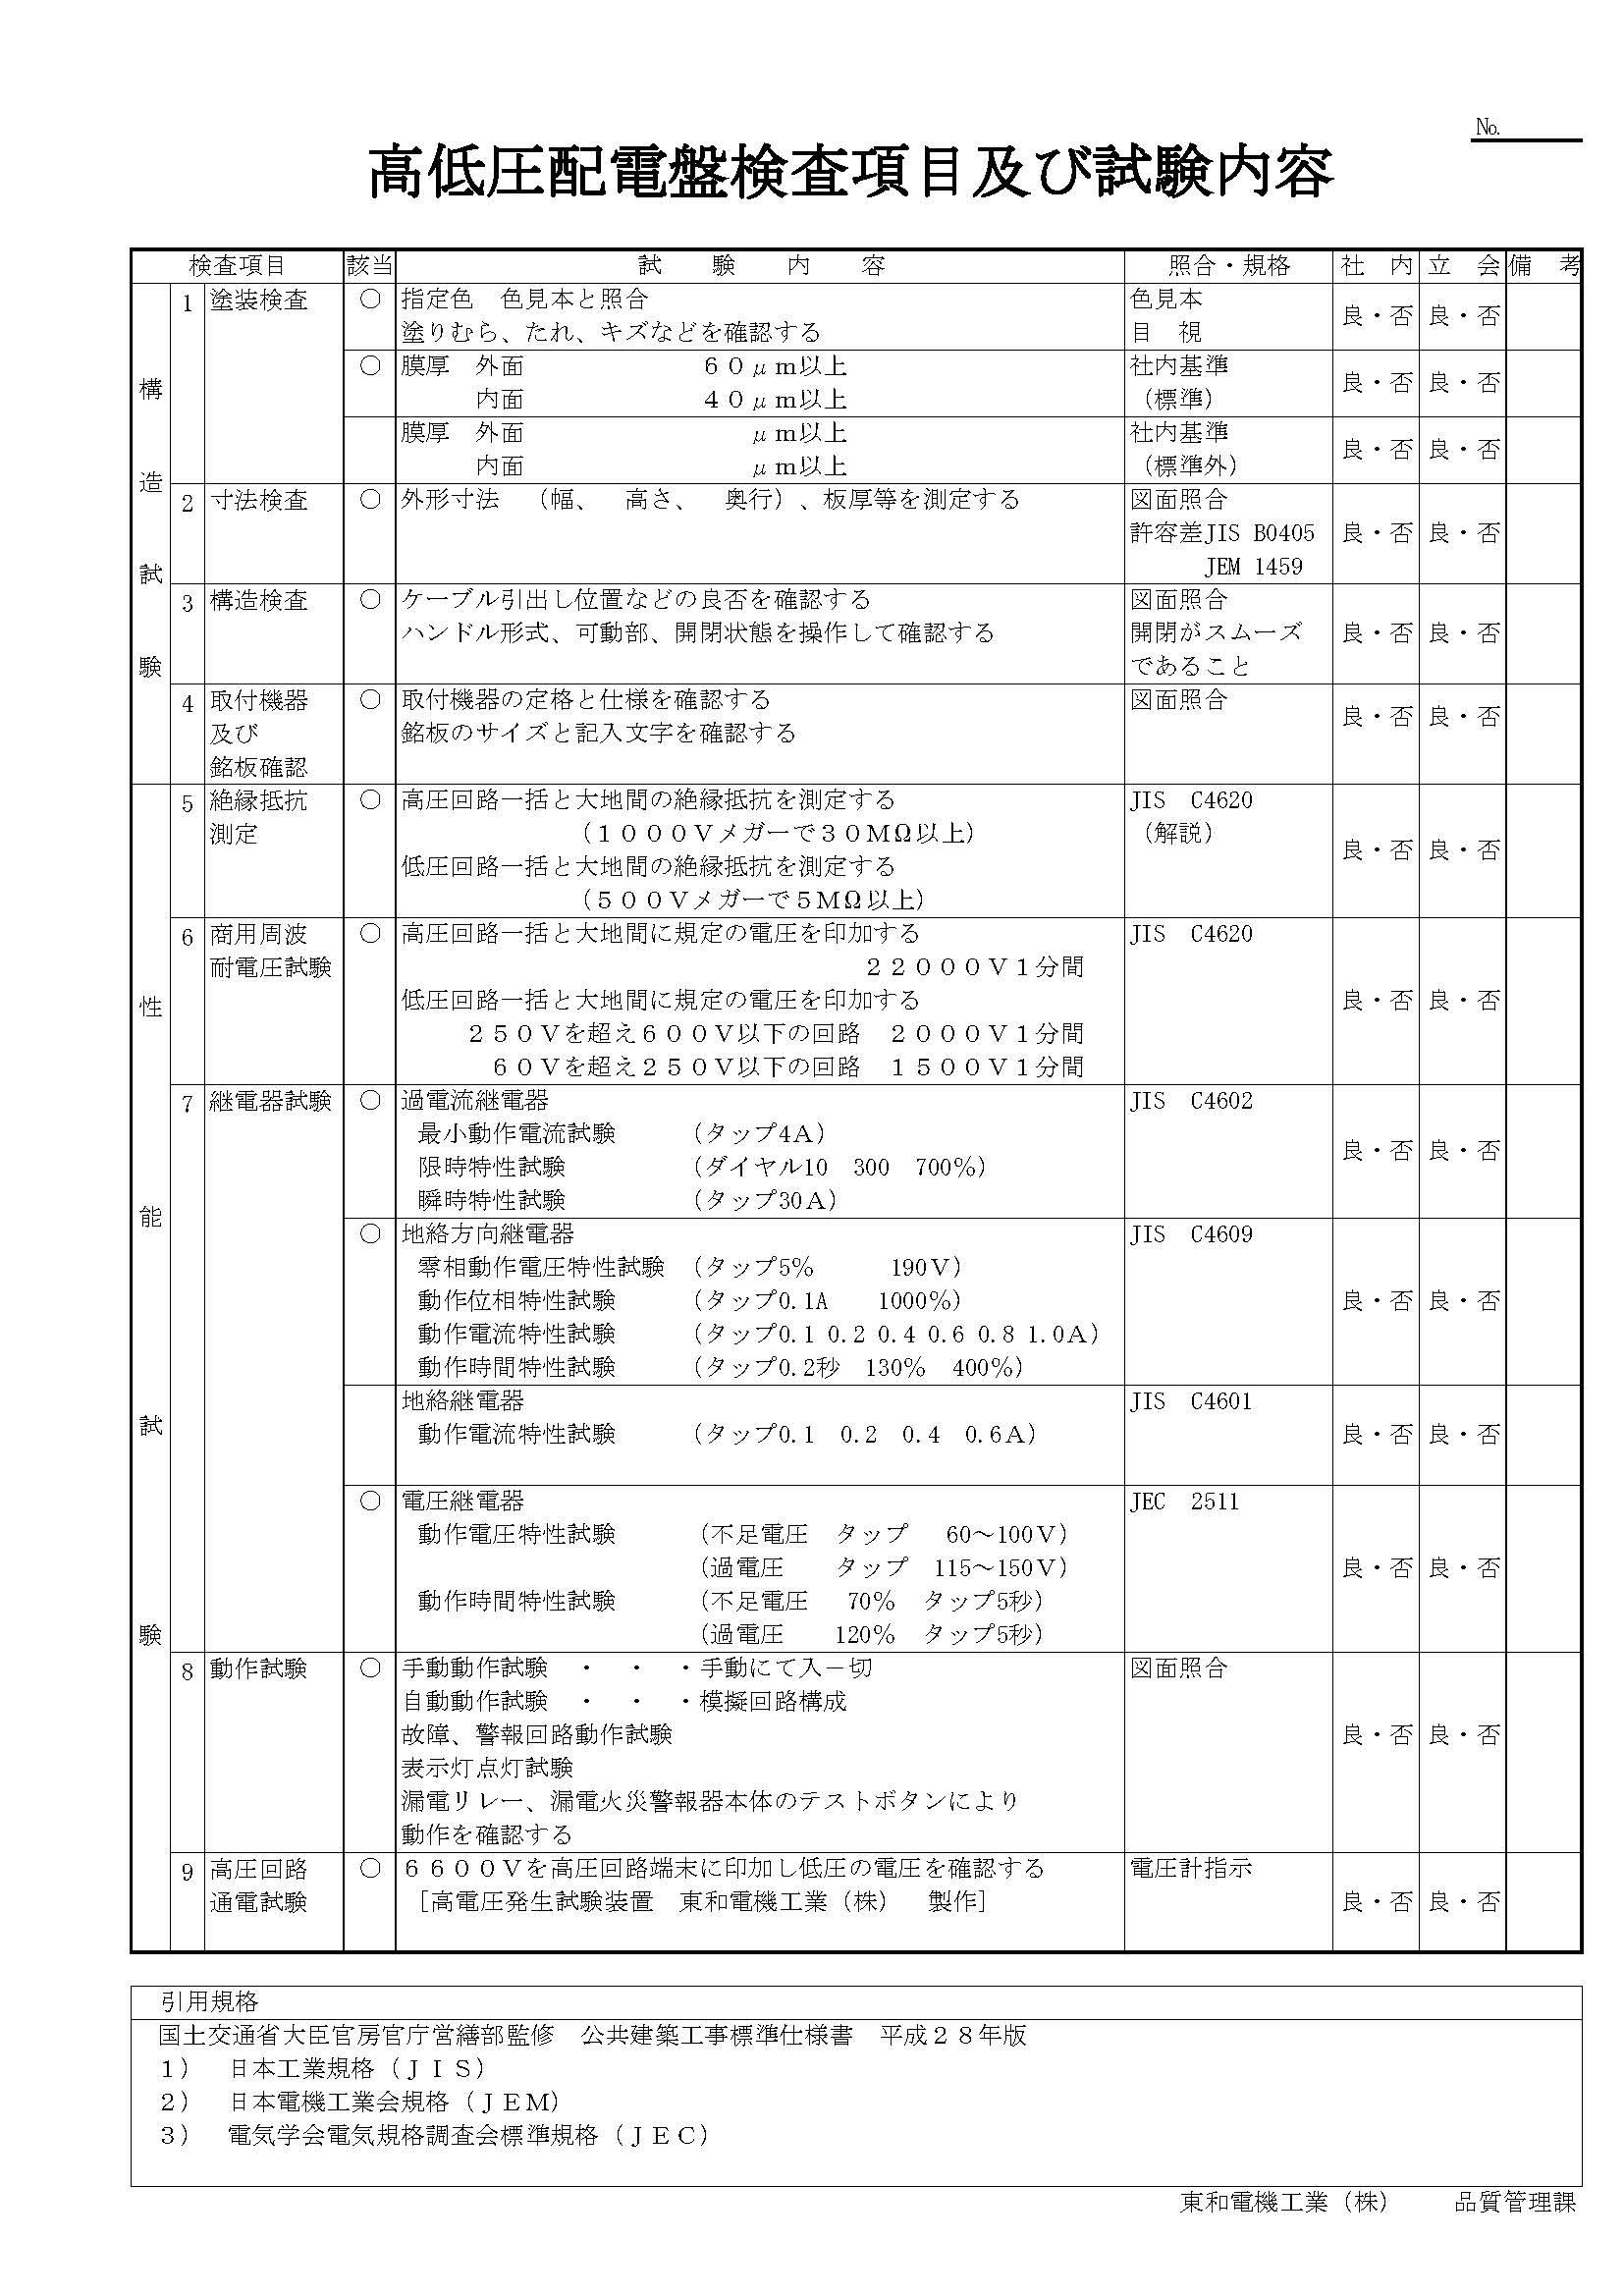 高低圧配電盤検査項目及び試験内容